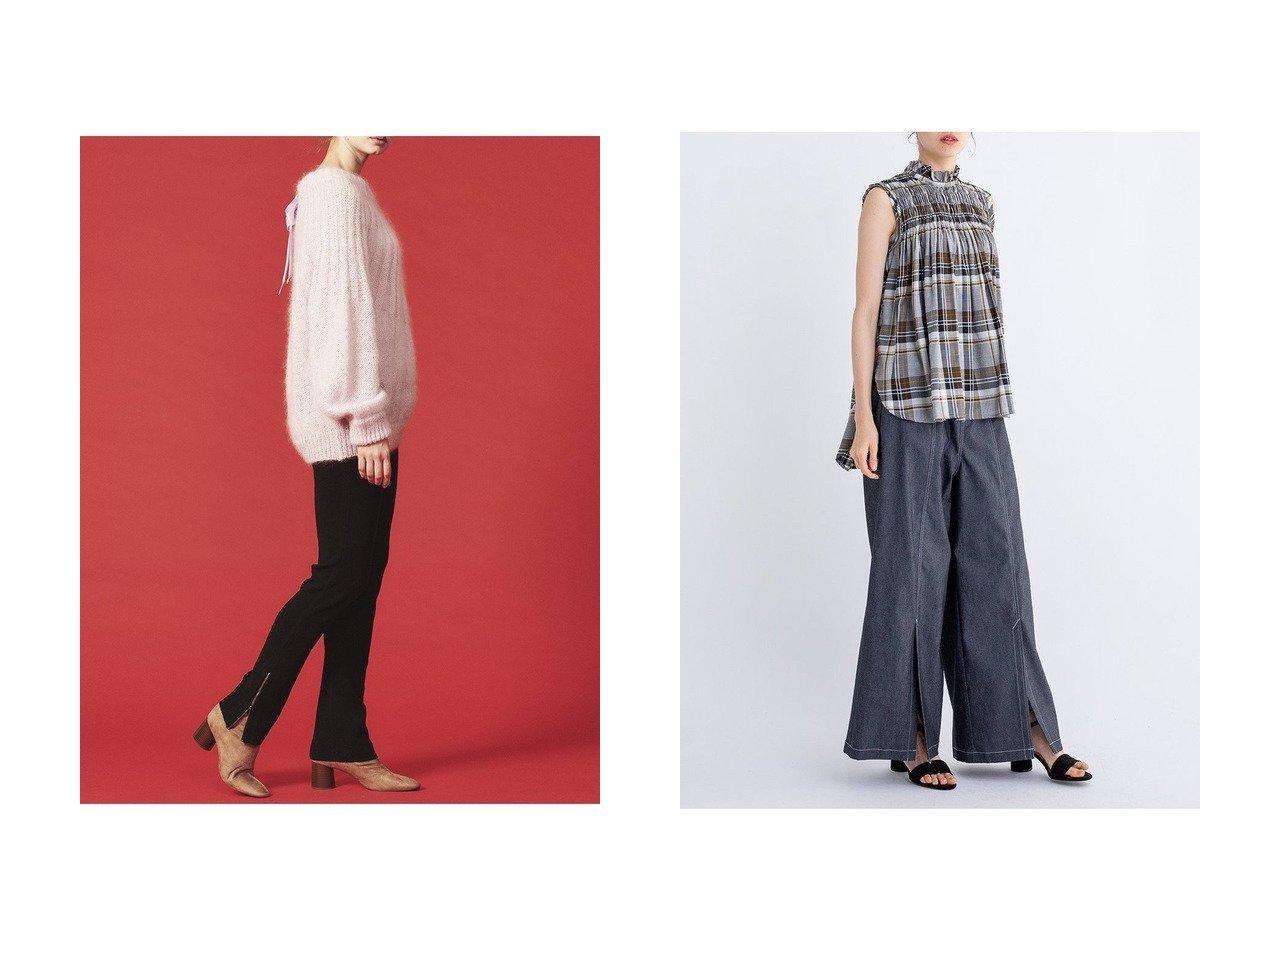 【LANVIN en Bleu/ランバン オン ブルー】のリネンデニムワイドパンツ&スリットニットパンツ パンツのおすすめ!人気、トレンド・レディースファッションの通販 おすすめで人気の流行・トレンド、ファッションの通販商品 メンズファッション・キッズファッション・インテリア・家具・レディースファッション・服の通販 founy(ファニー) https://founy.com/ ファッション Fashion レディースファッション WOMEN パンツ Pants デニムパンツ Denim Pants エレガント コンパクト スリット デニム バランス フロント リネン ベーシック レギンス 今季 |ID:crp329100000016057